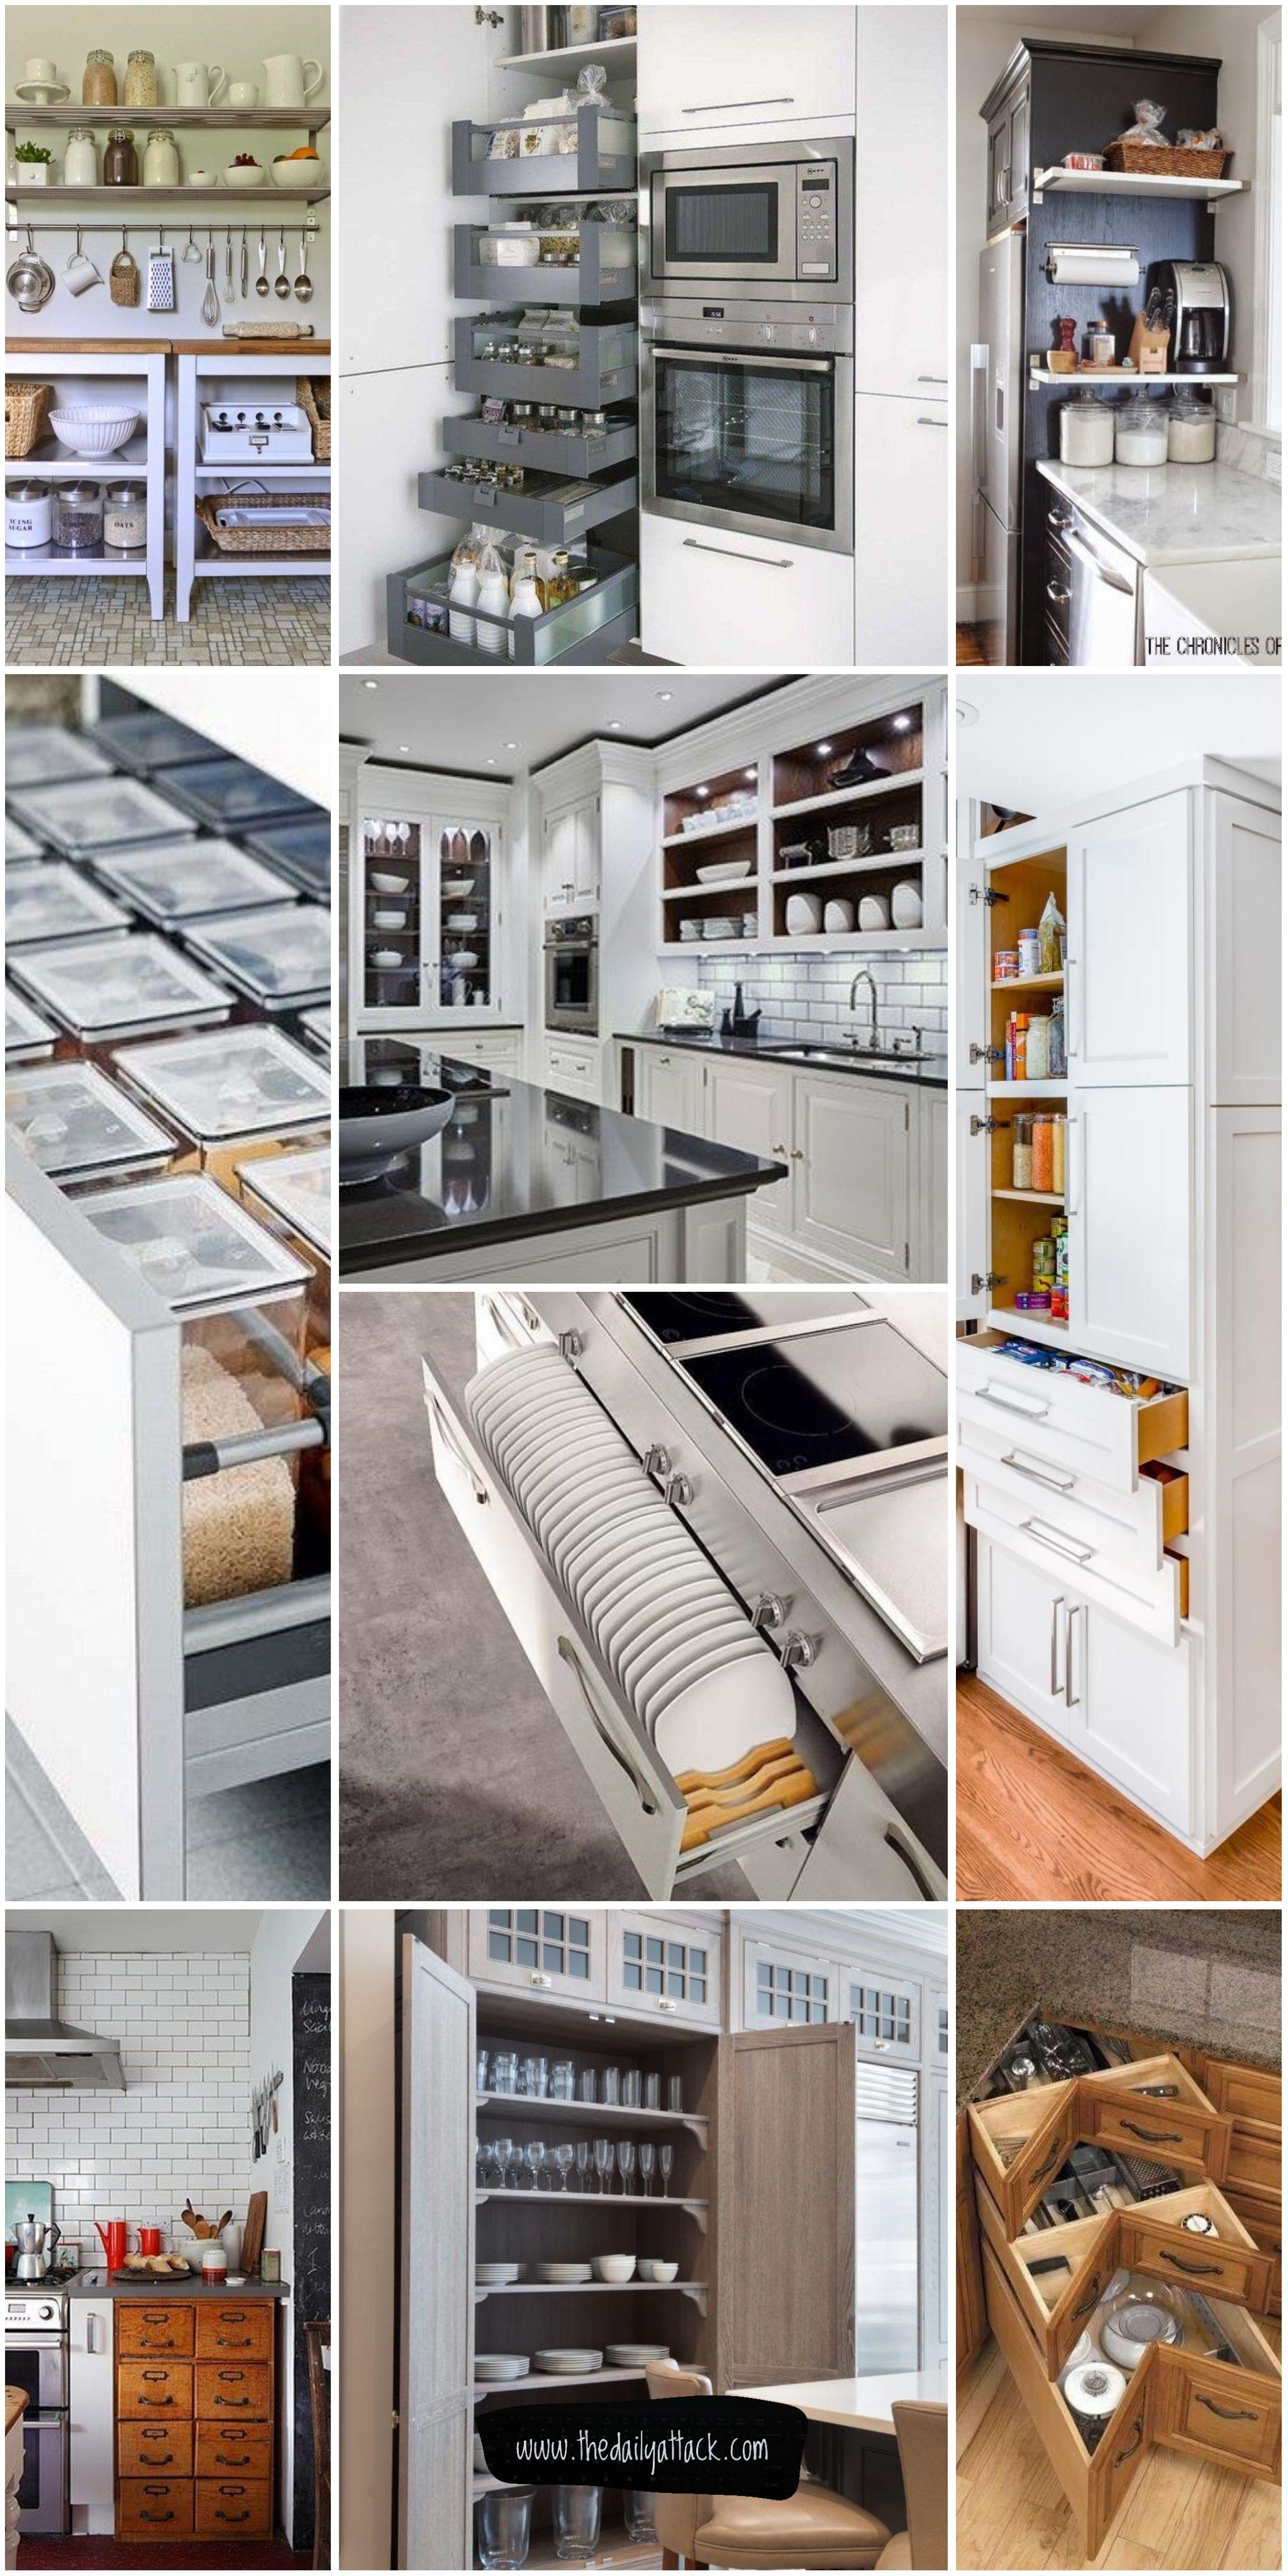 61 Unique Kitchen Storage Ideas Easy Storage Solutions For Your Kitchen Kitchen Remodel Small Kitchen Storage Trendy Kitchen